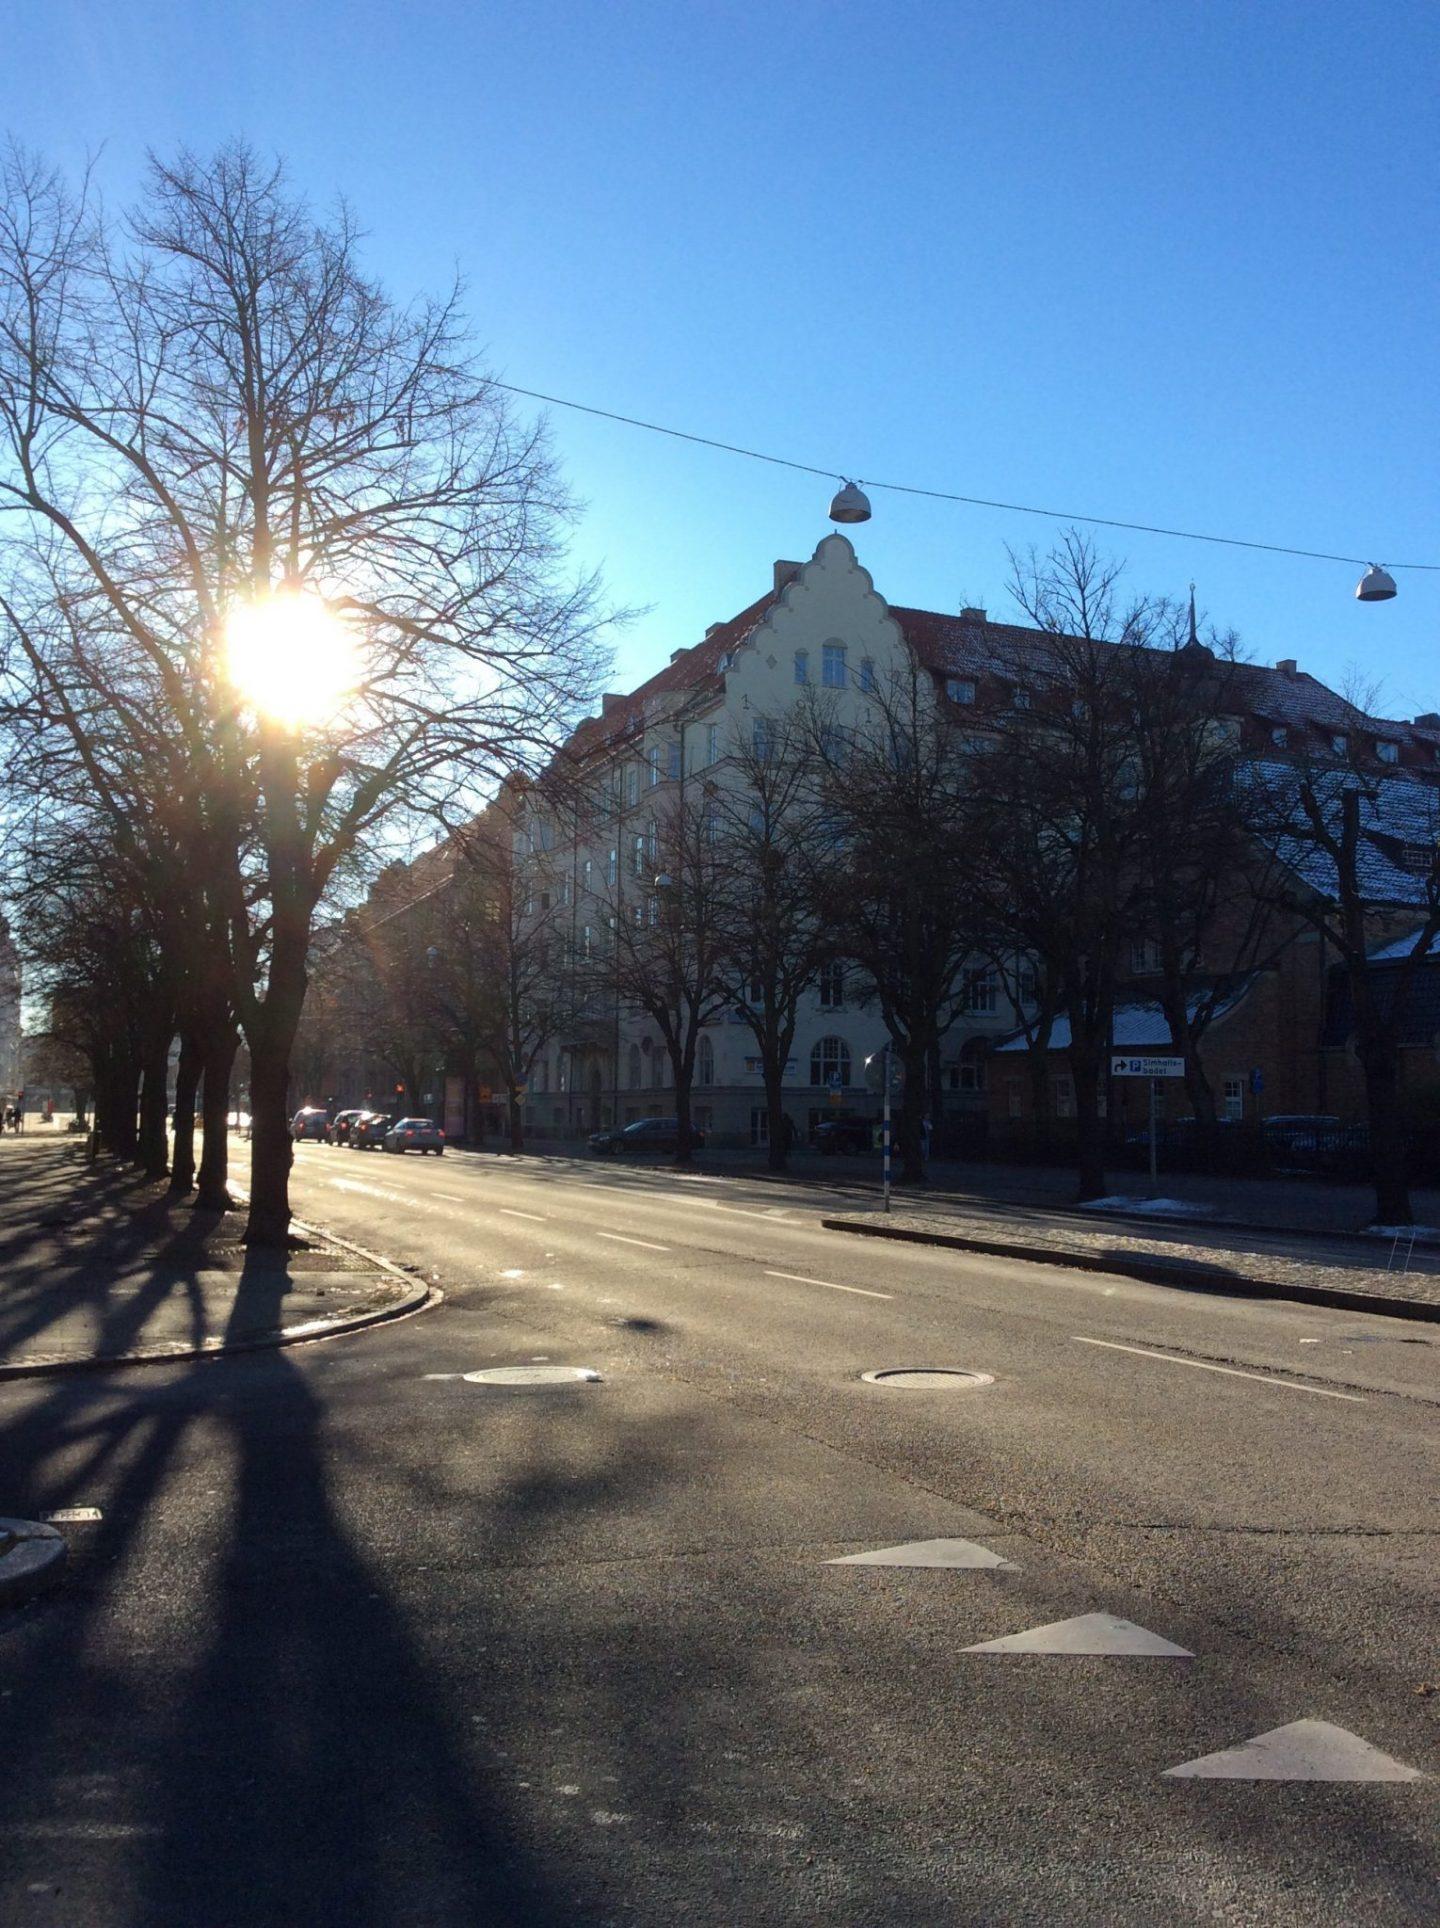 IMG 0147 1440x1928 - Malmö and the history